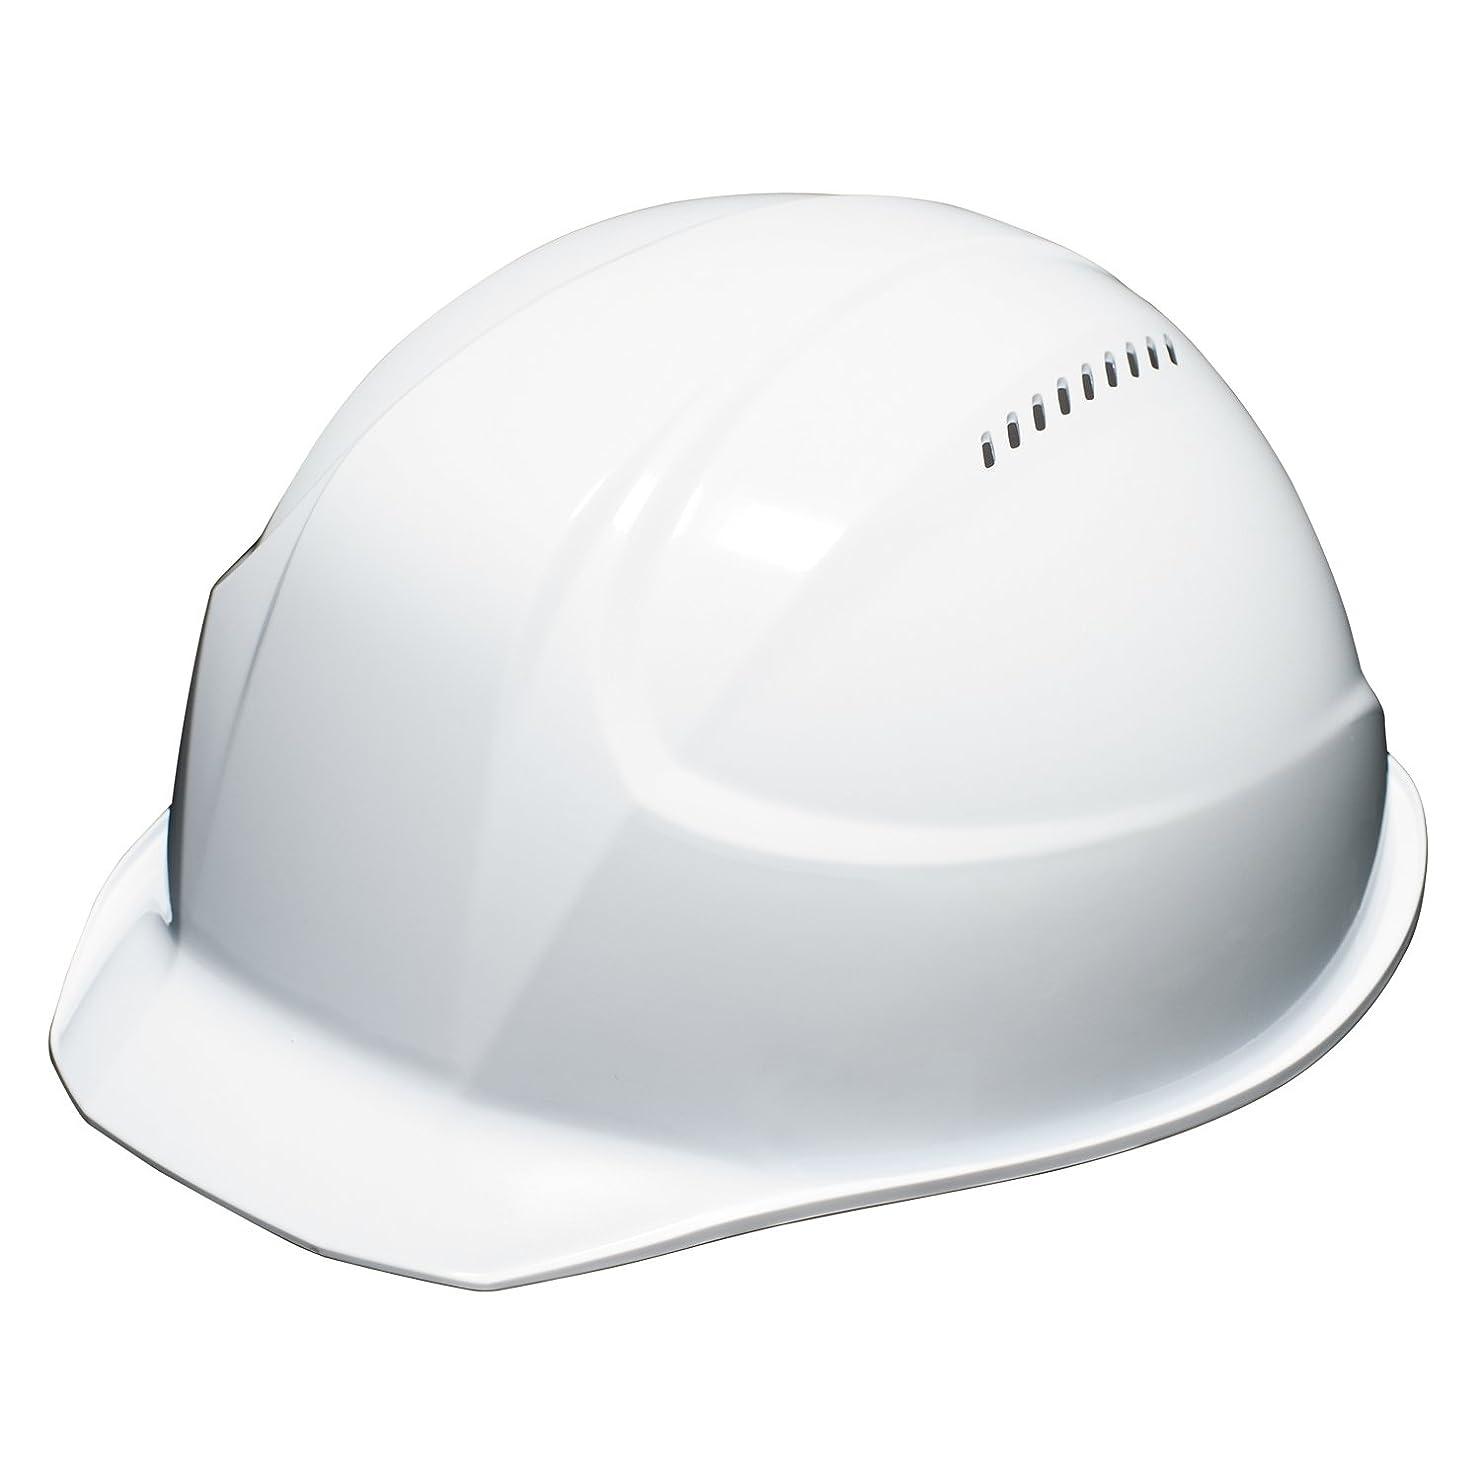 ピカリングよく話されるホーンDICプラスチック 超軽量ヘルメット 軽神/KEIJIN 通気孔付 白 AA17-V-HA5E-K17-WH